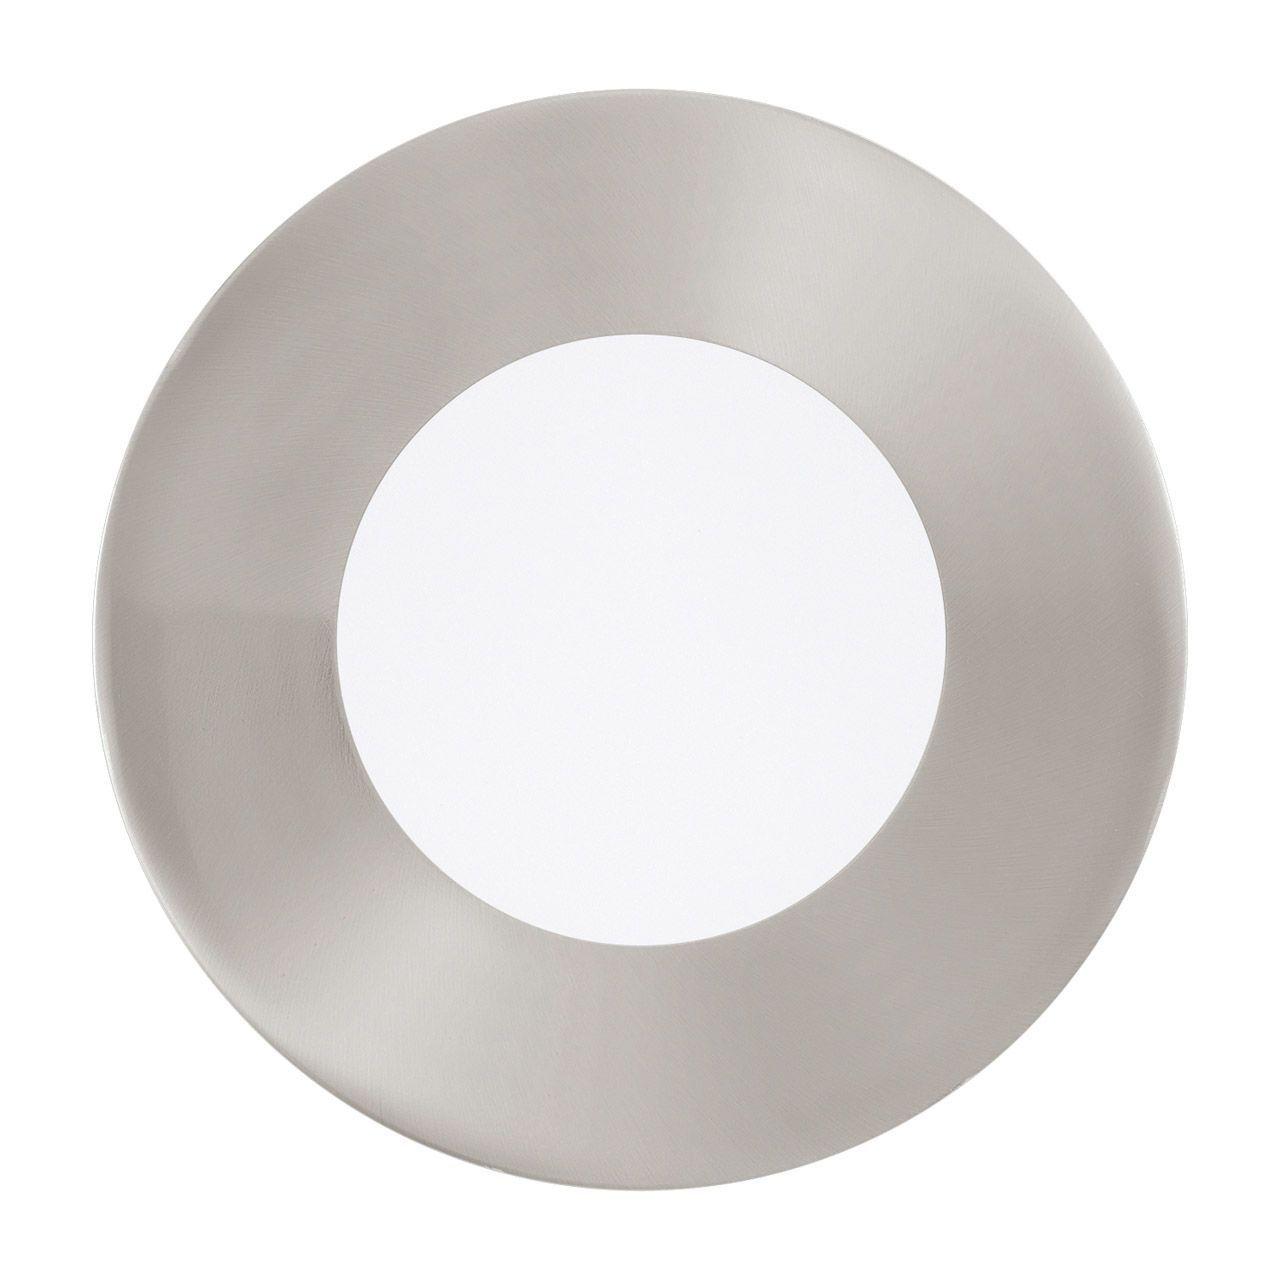 Встраиваемый светильник Eglo, LED, 2.7 Вт встраиваемый светильник donolux dl203g